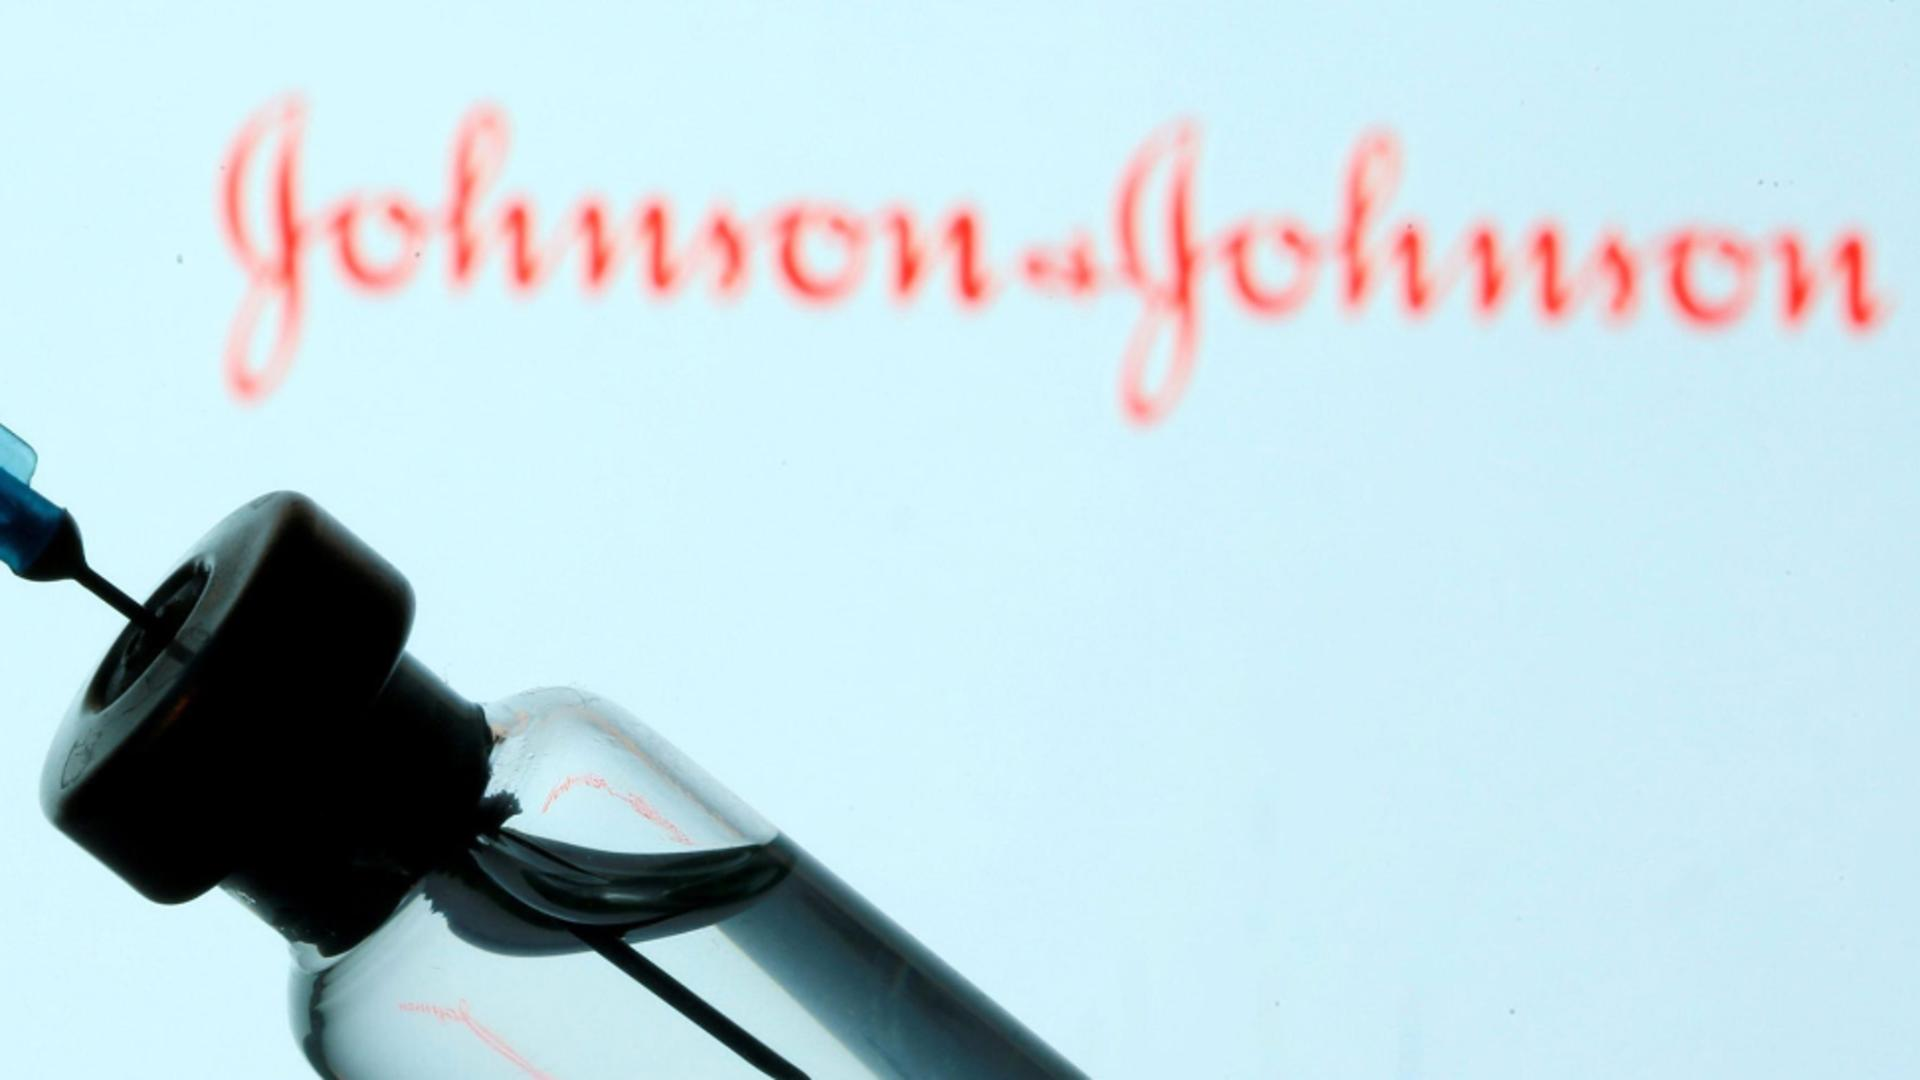 Vaccinul Johnson & Johnson, introdus în campania de imunizare din SUA